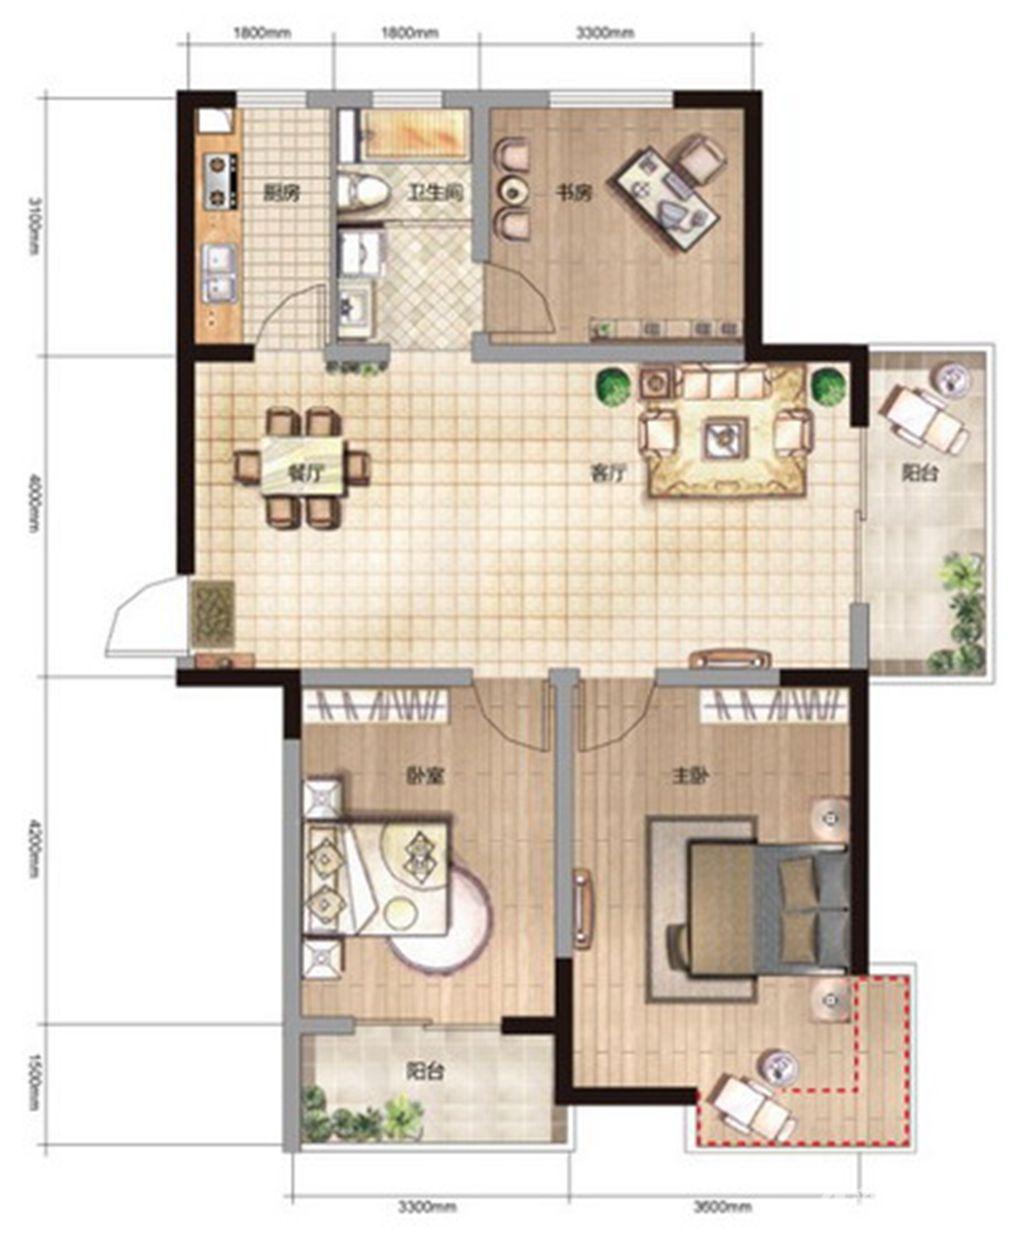 雨山银河湾R3户型 3室2厅1卫3室2厅116平米